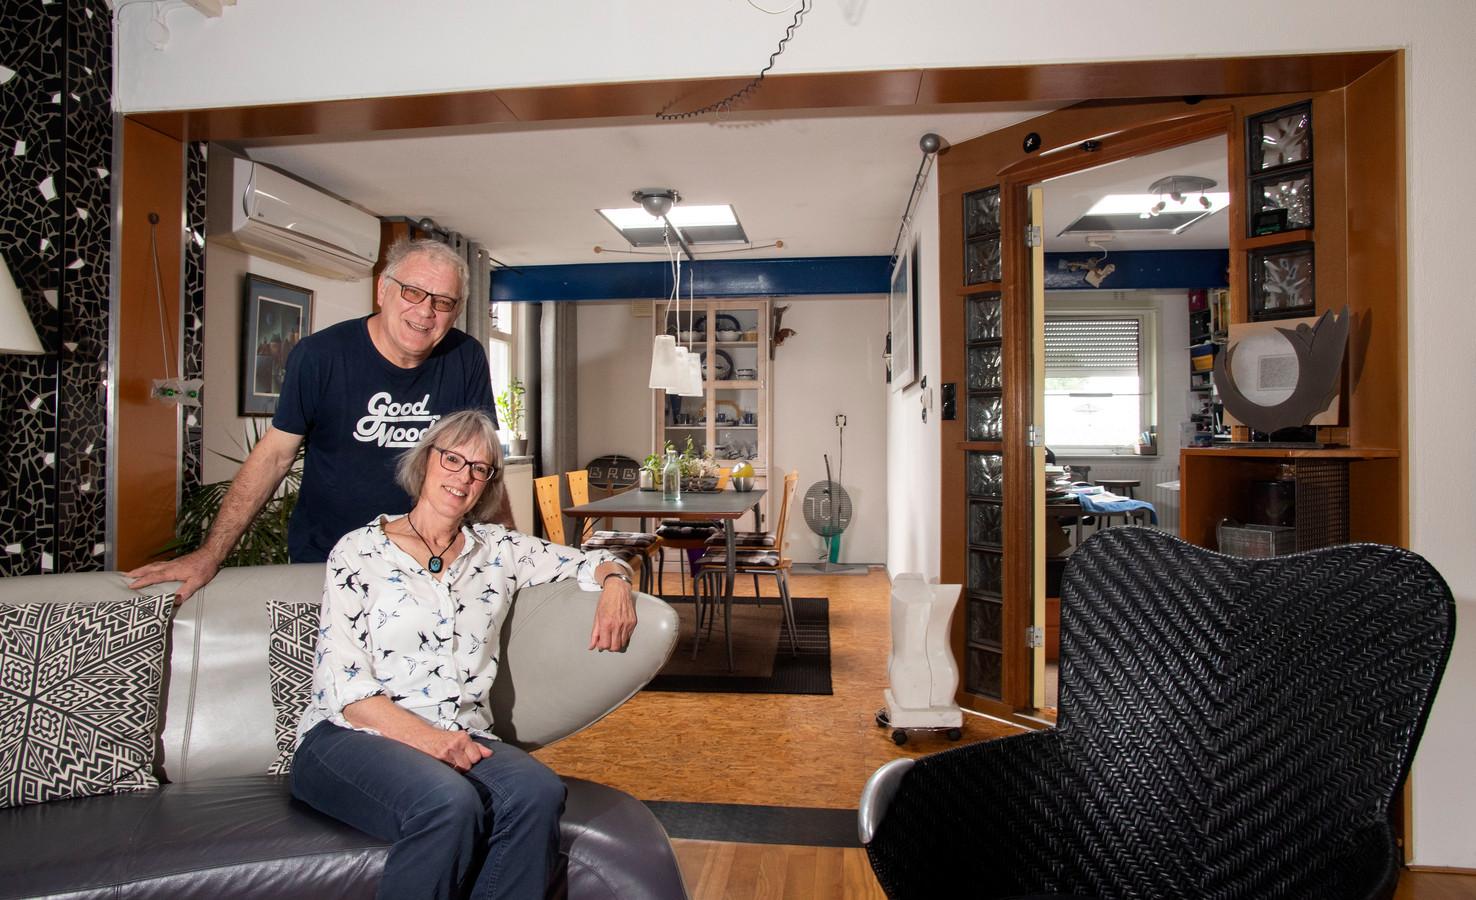 Henk Maassen en Annette Morsinkhof maakten van deze voormalige smederij in de Enschedese woonwijk 't Ribbelt een uniek woonhuis.